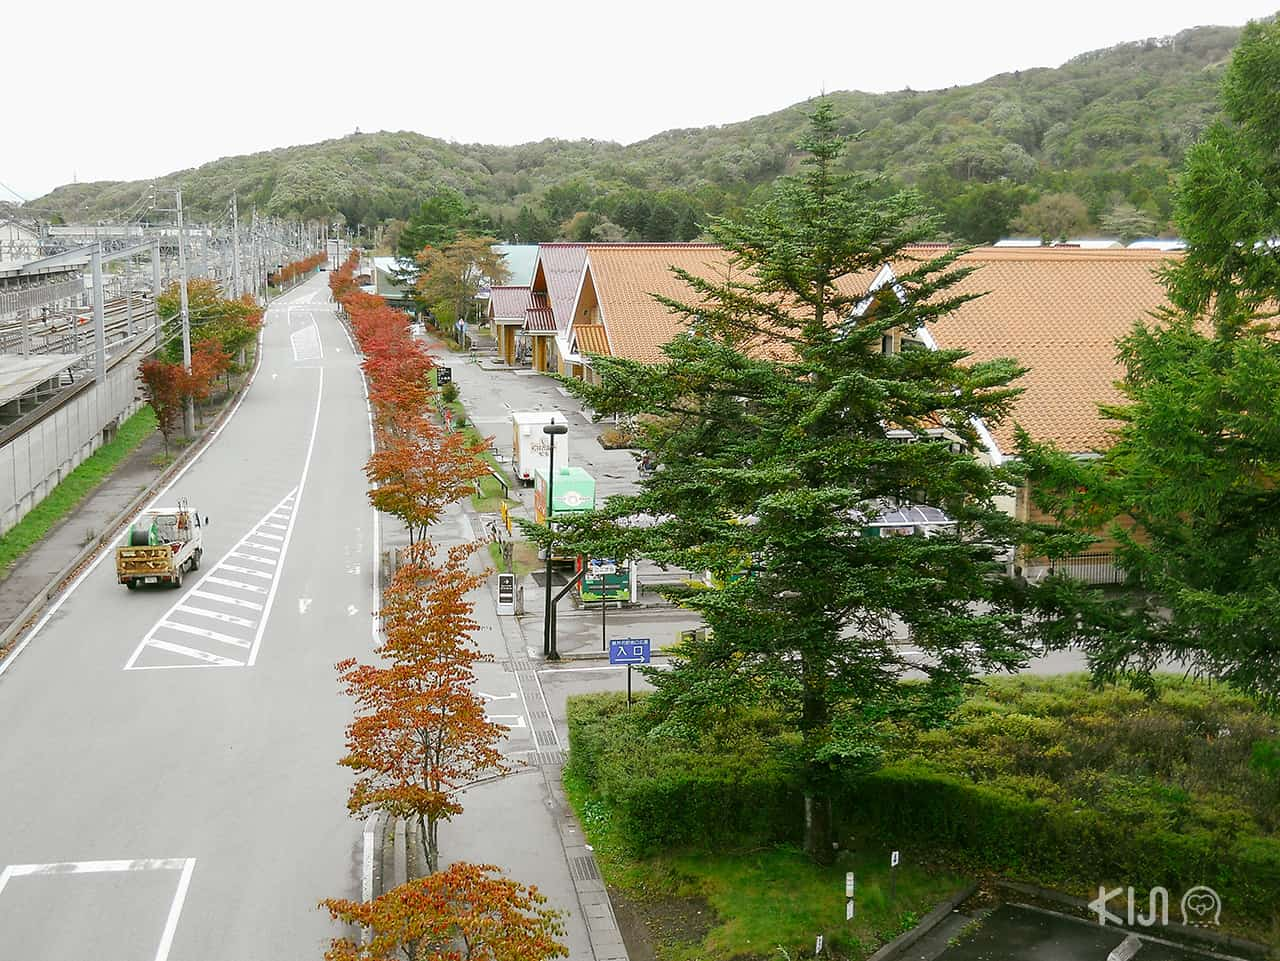 Karuizawa Prince Shopping Plaza เอาท์เล็ทของเมือง คารุซาวะ